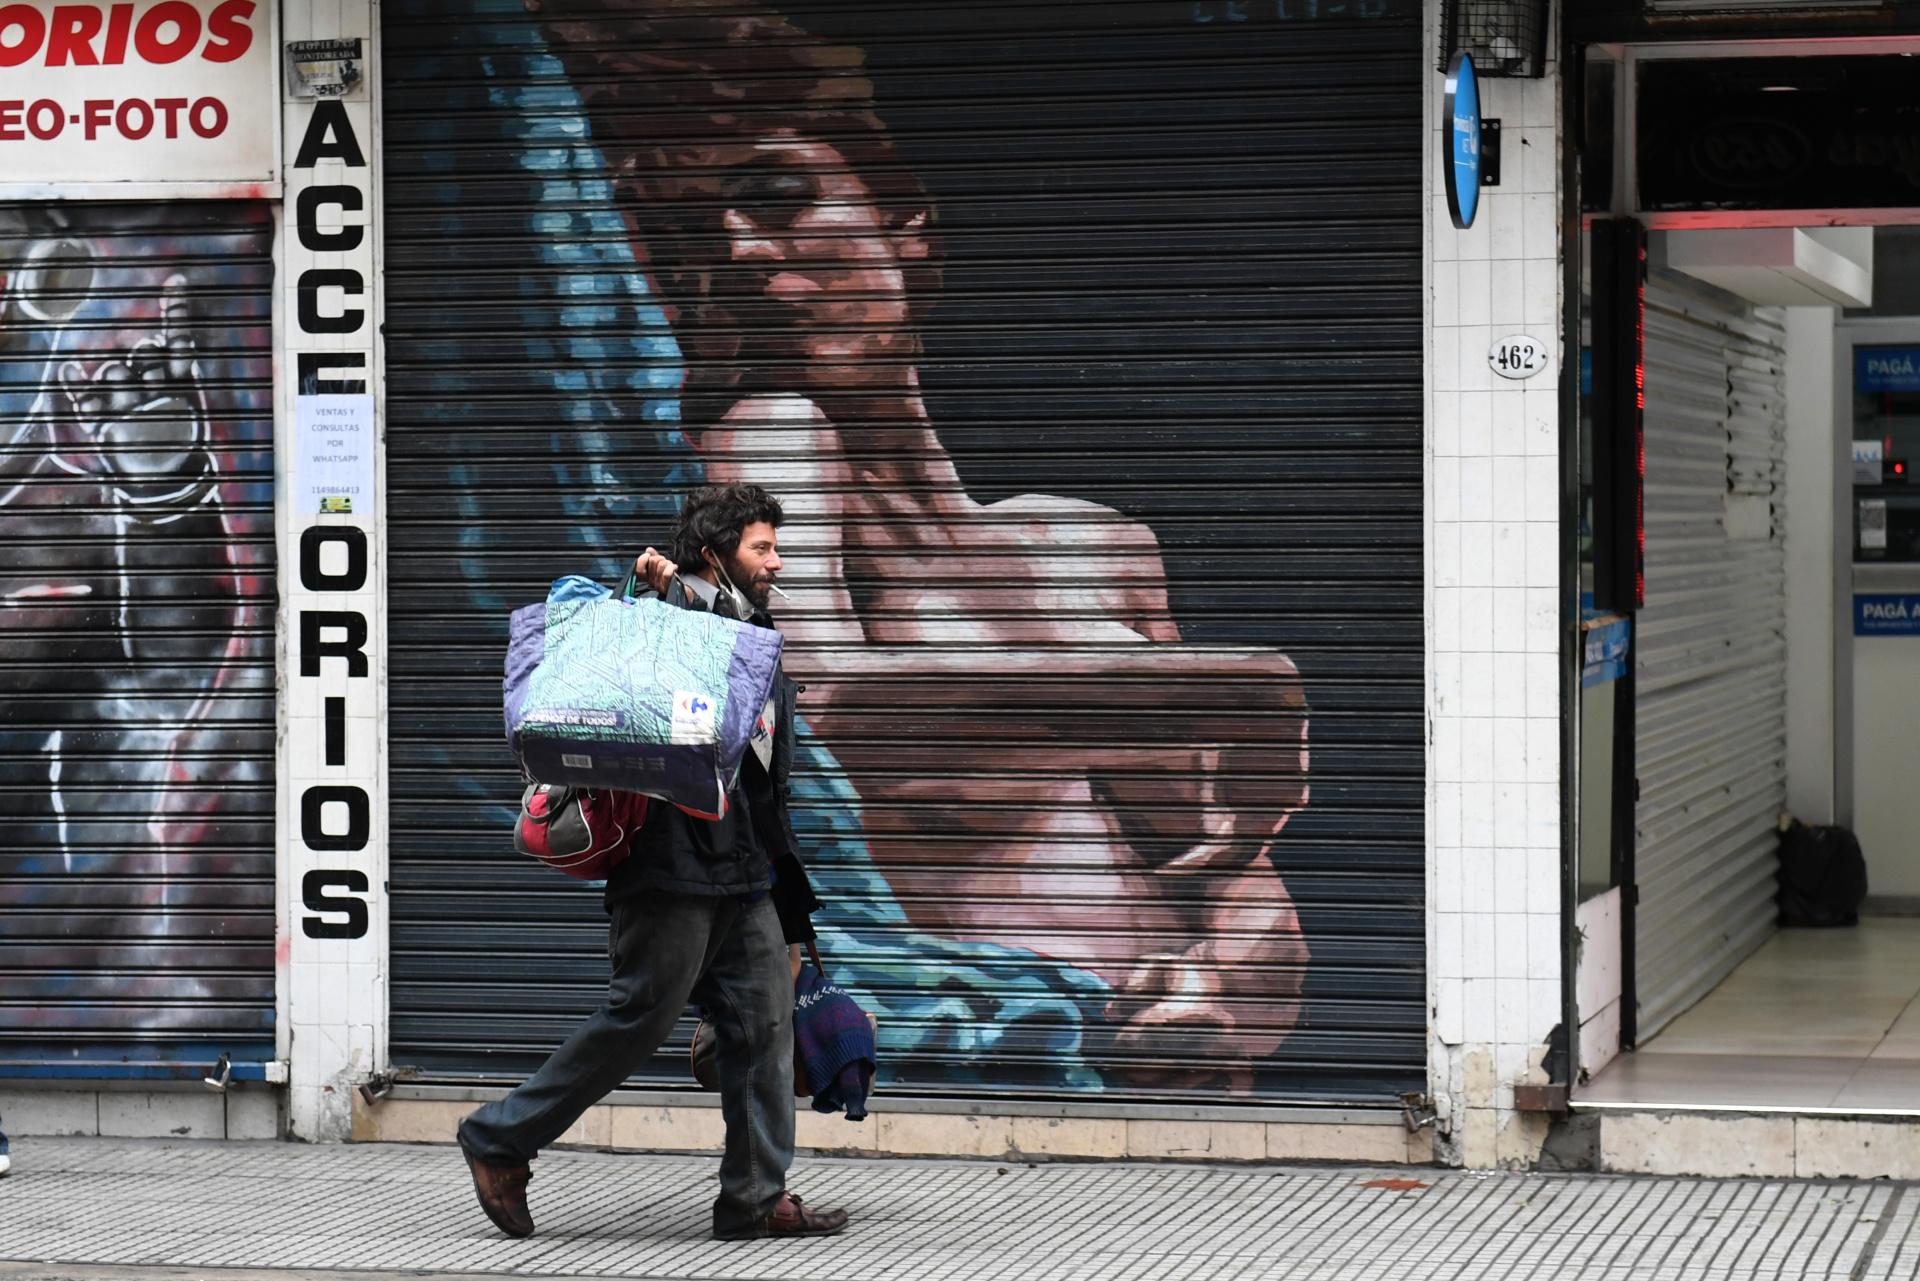 Más de 7.000 personas viven en situación de calle en la Capital Federal, a merced de la suerte que les toque cada día.